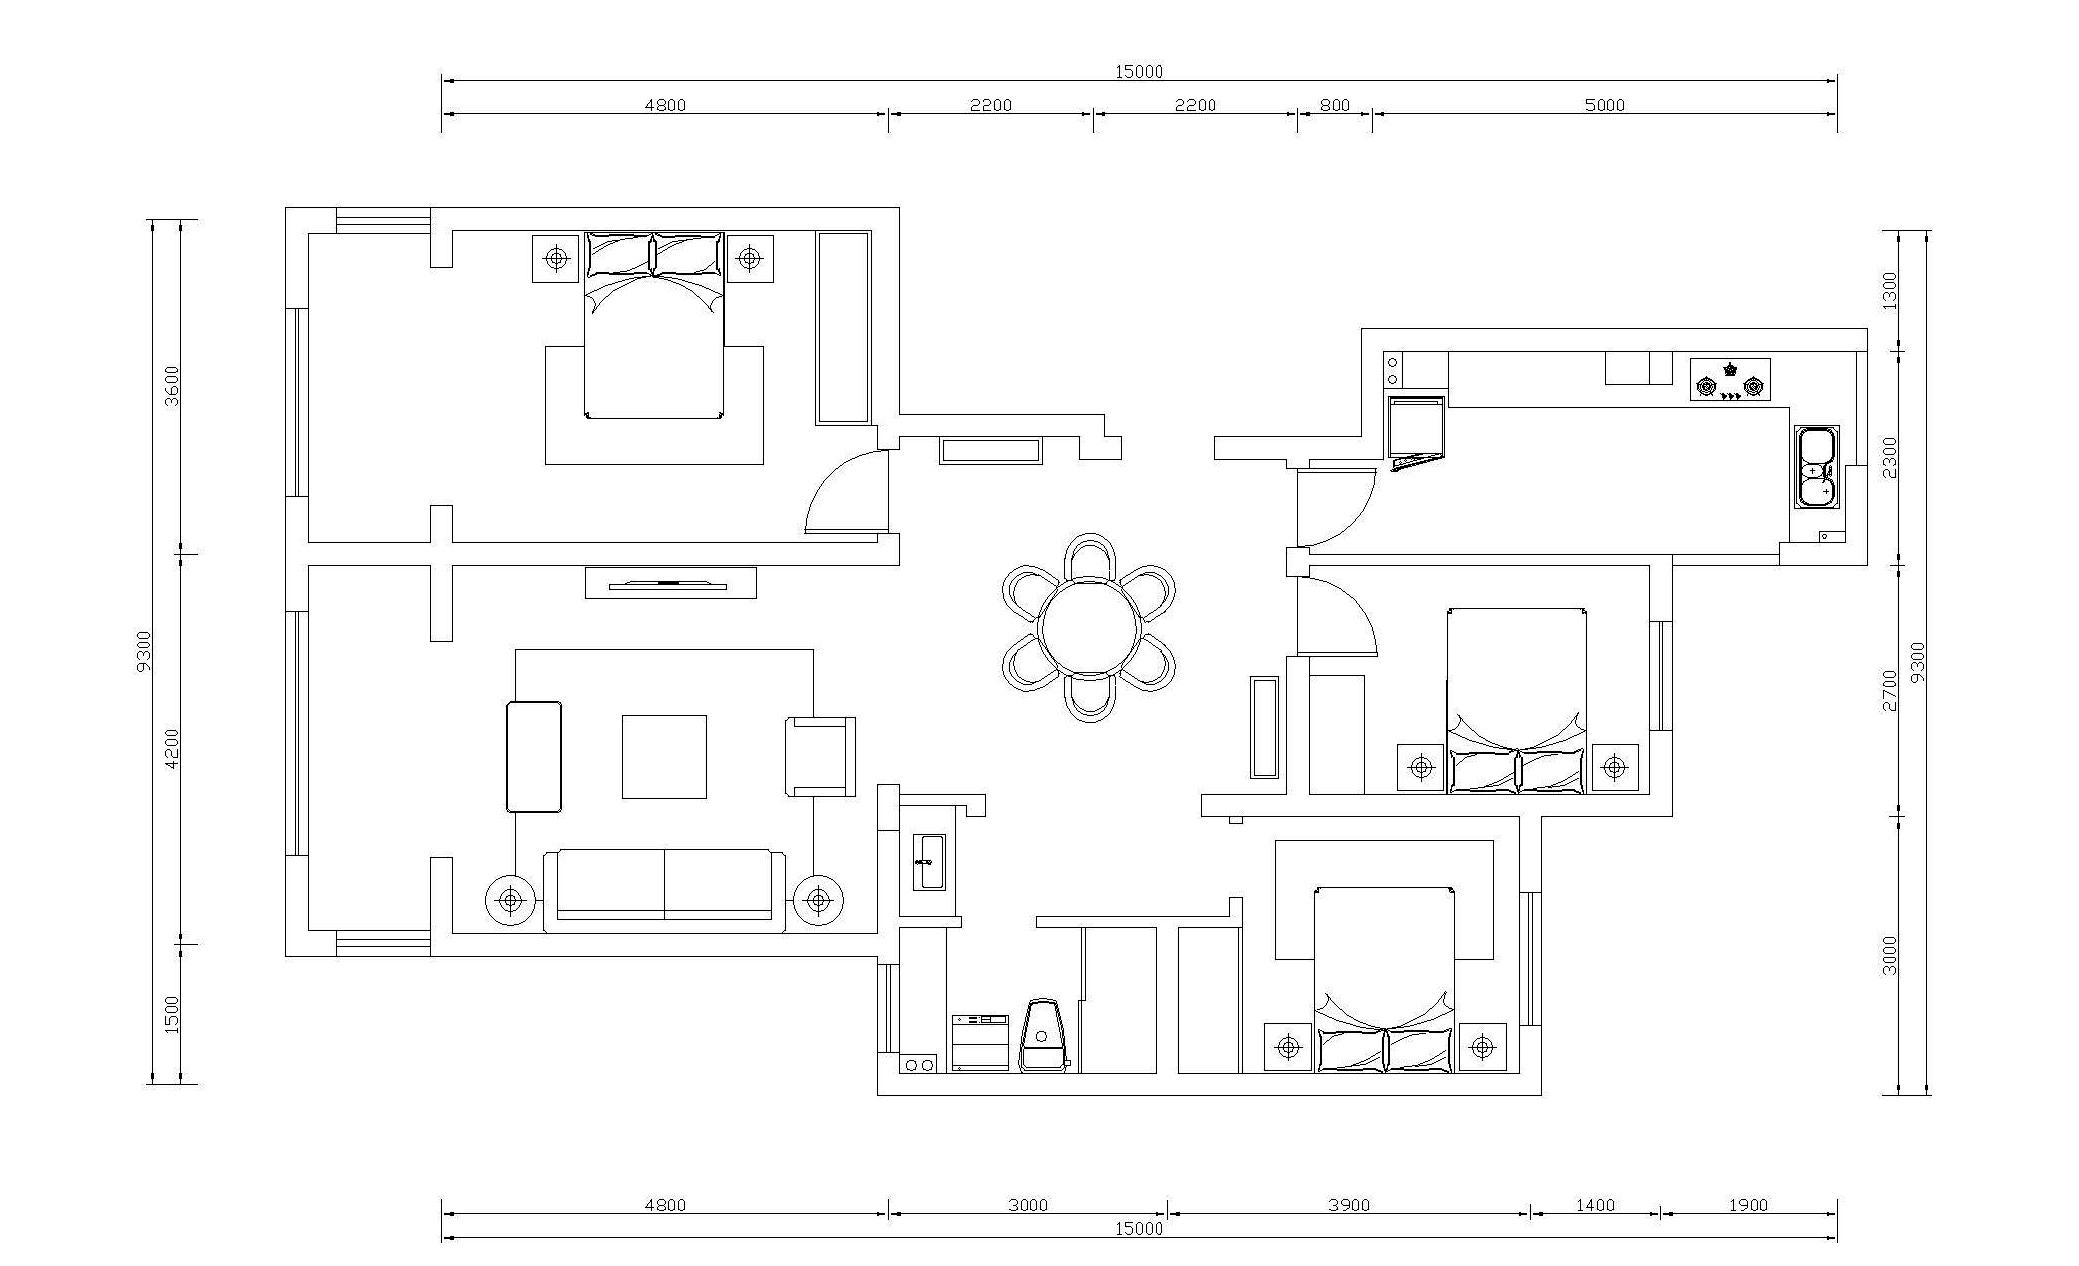 别墅 > 正文     设计重点:清新质朴    编辑点评:棕色实木家具与实木图片